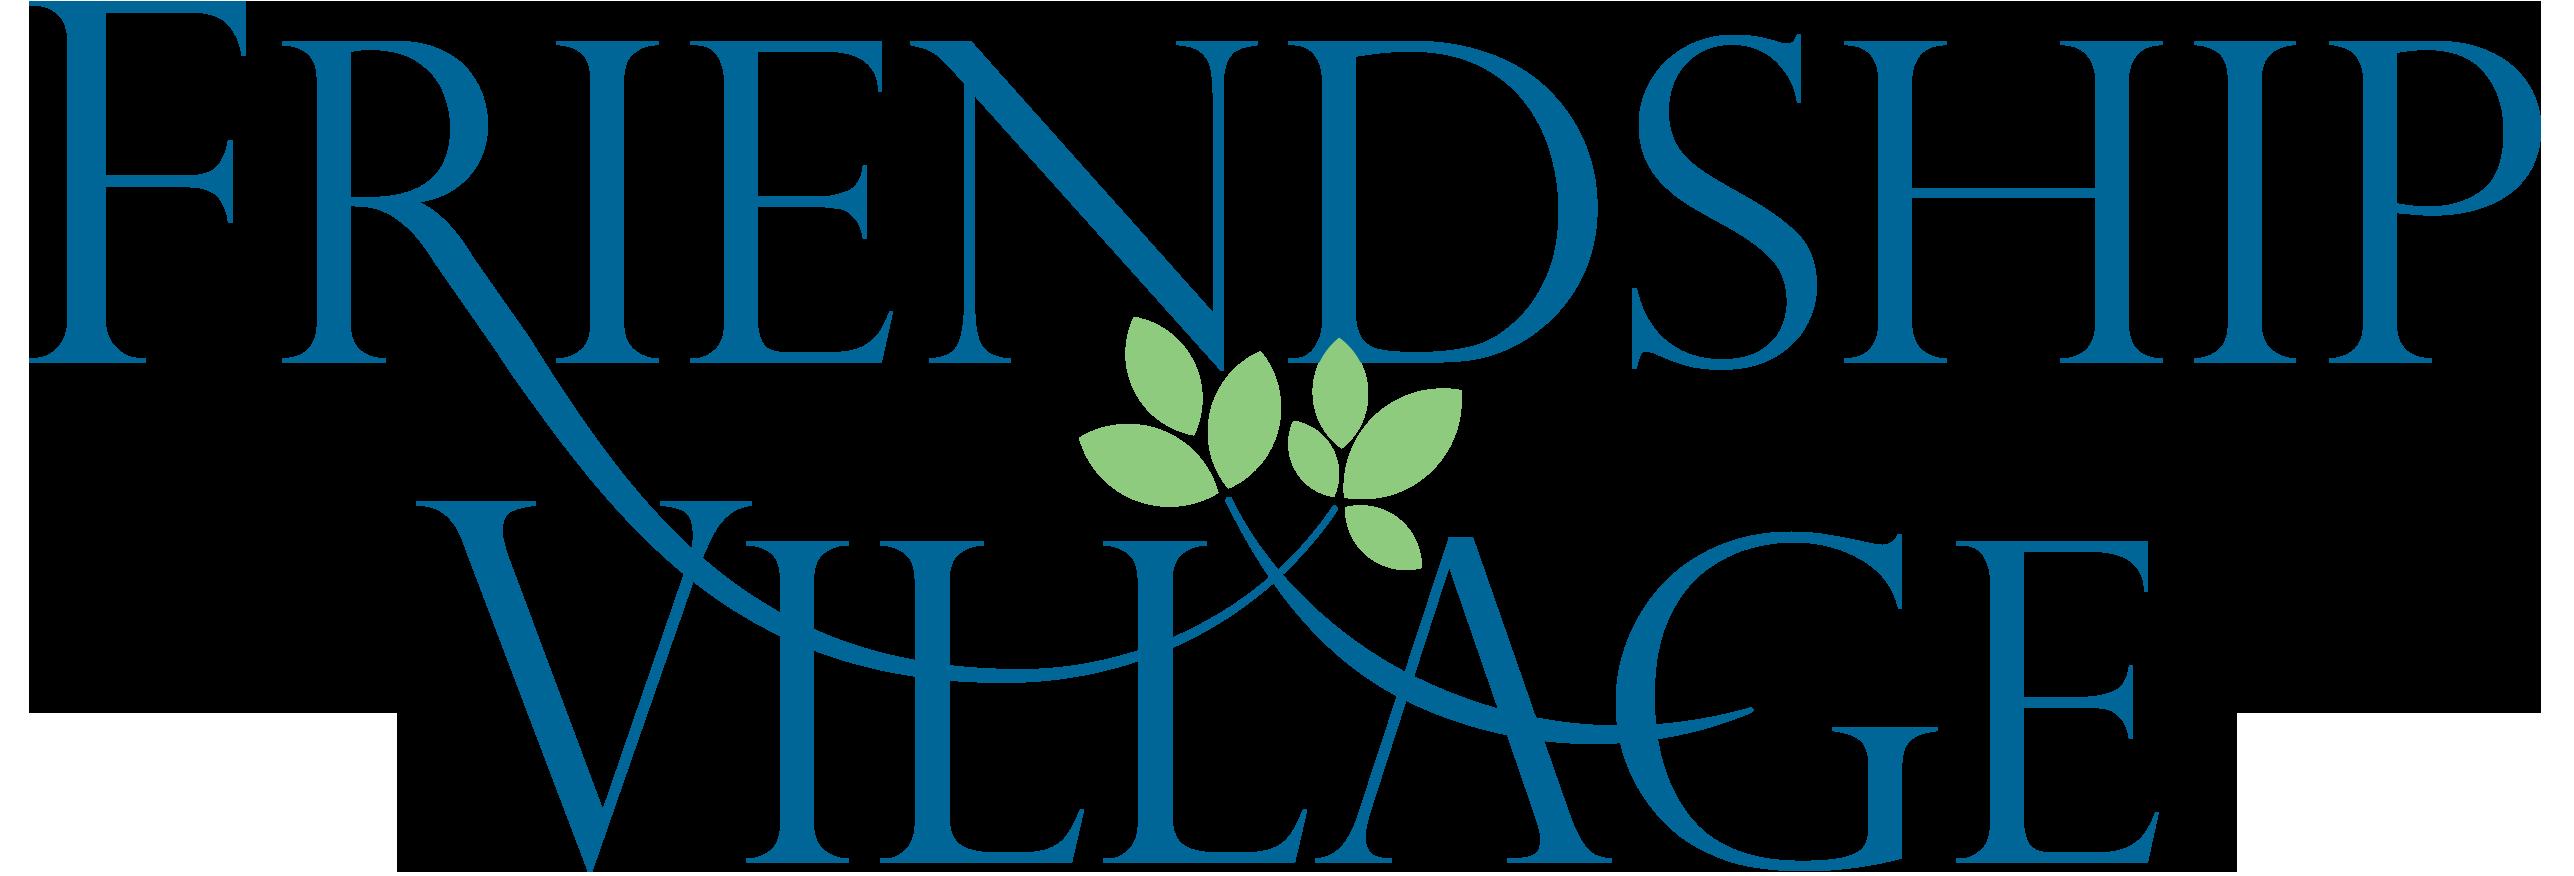 Friendship Village Logo